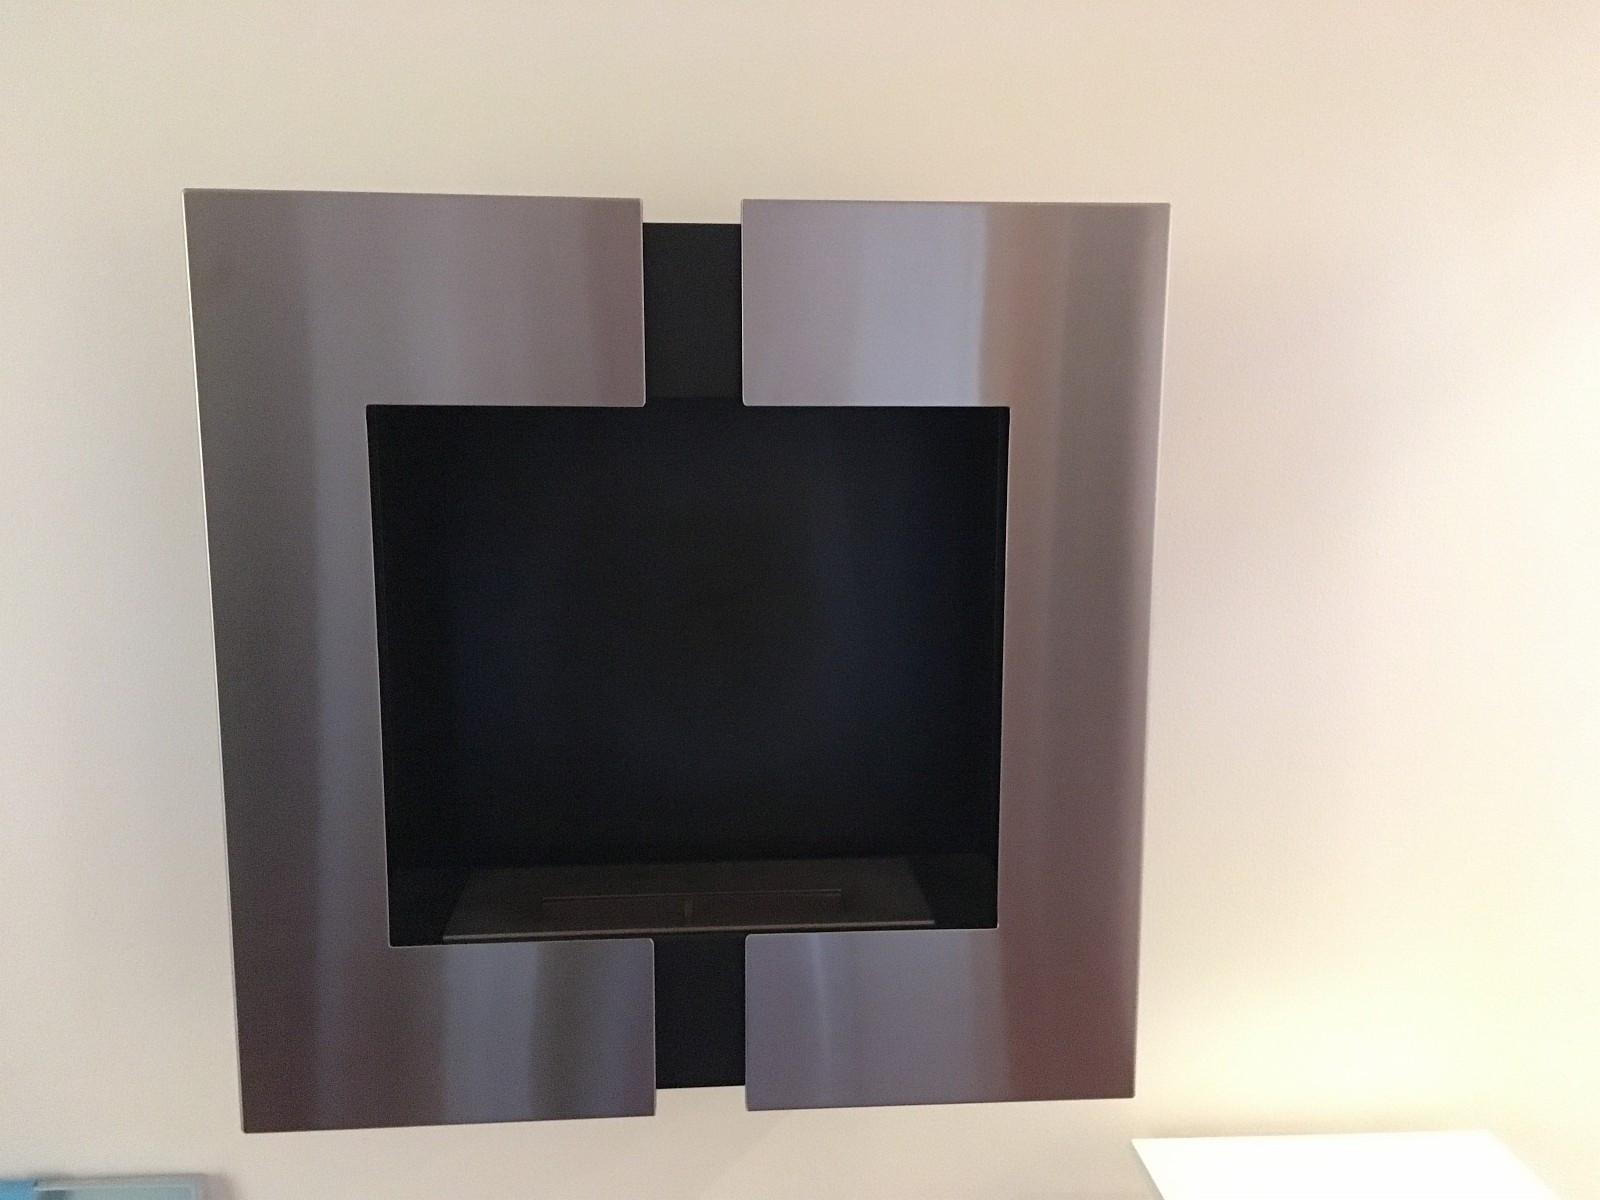 Bio peis ovn (bioetanol) - Rådal  - Vegghengt biopeis  Mål 60cmx60 og 22cm dyp  varmer 1800 Watt   Produkt Beskrivelse: Vil du ha en biopeis som vil være et blikkfang i rommet med dens åpne flamme og elegante design, - Rådal